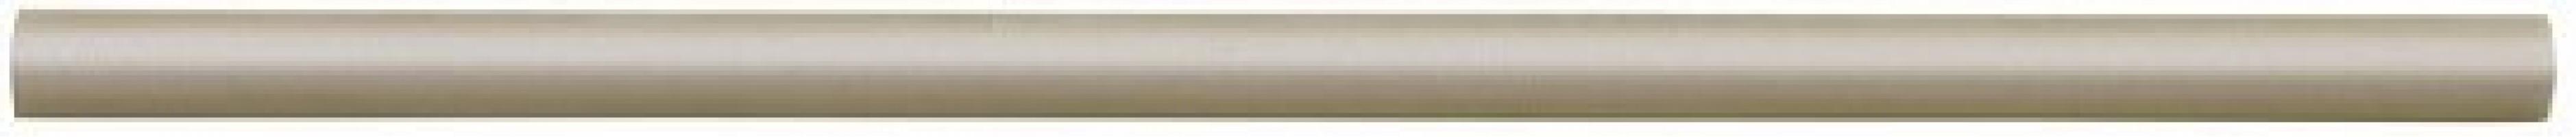 Бордюр Neri ADNE5583 Bullnose Trim Sierra Sand 0.85x20 Adex